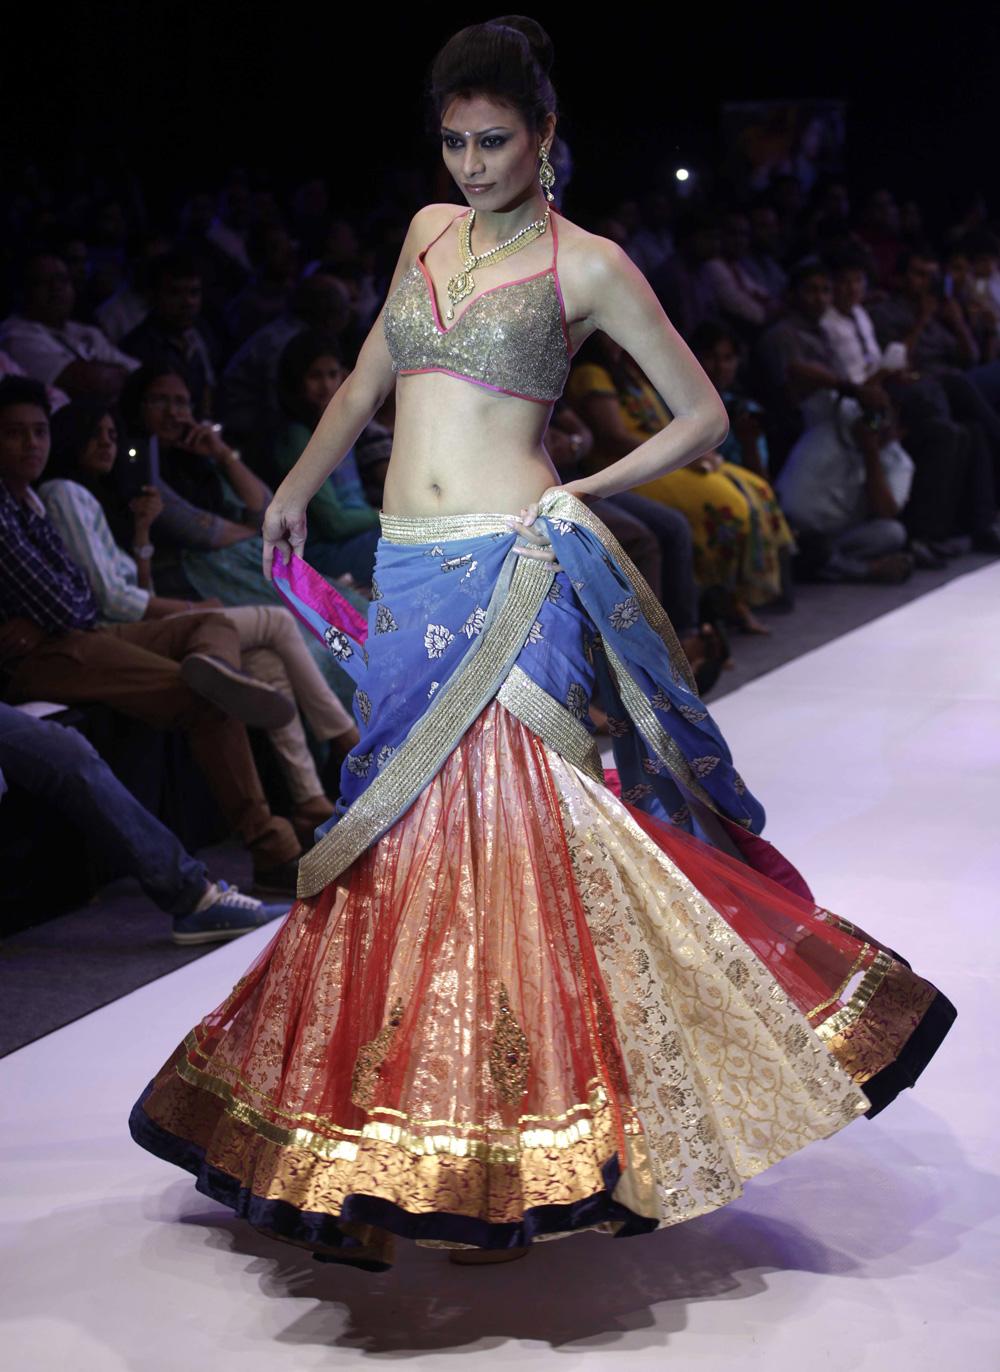 अहमदाबाद येथील फॅशन वीकमध्ये भारतीय दागिने परिधान करून रॅम्प वॉक करताना मॉडेल.